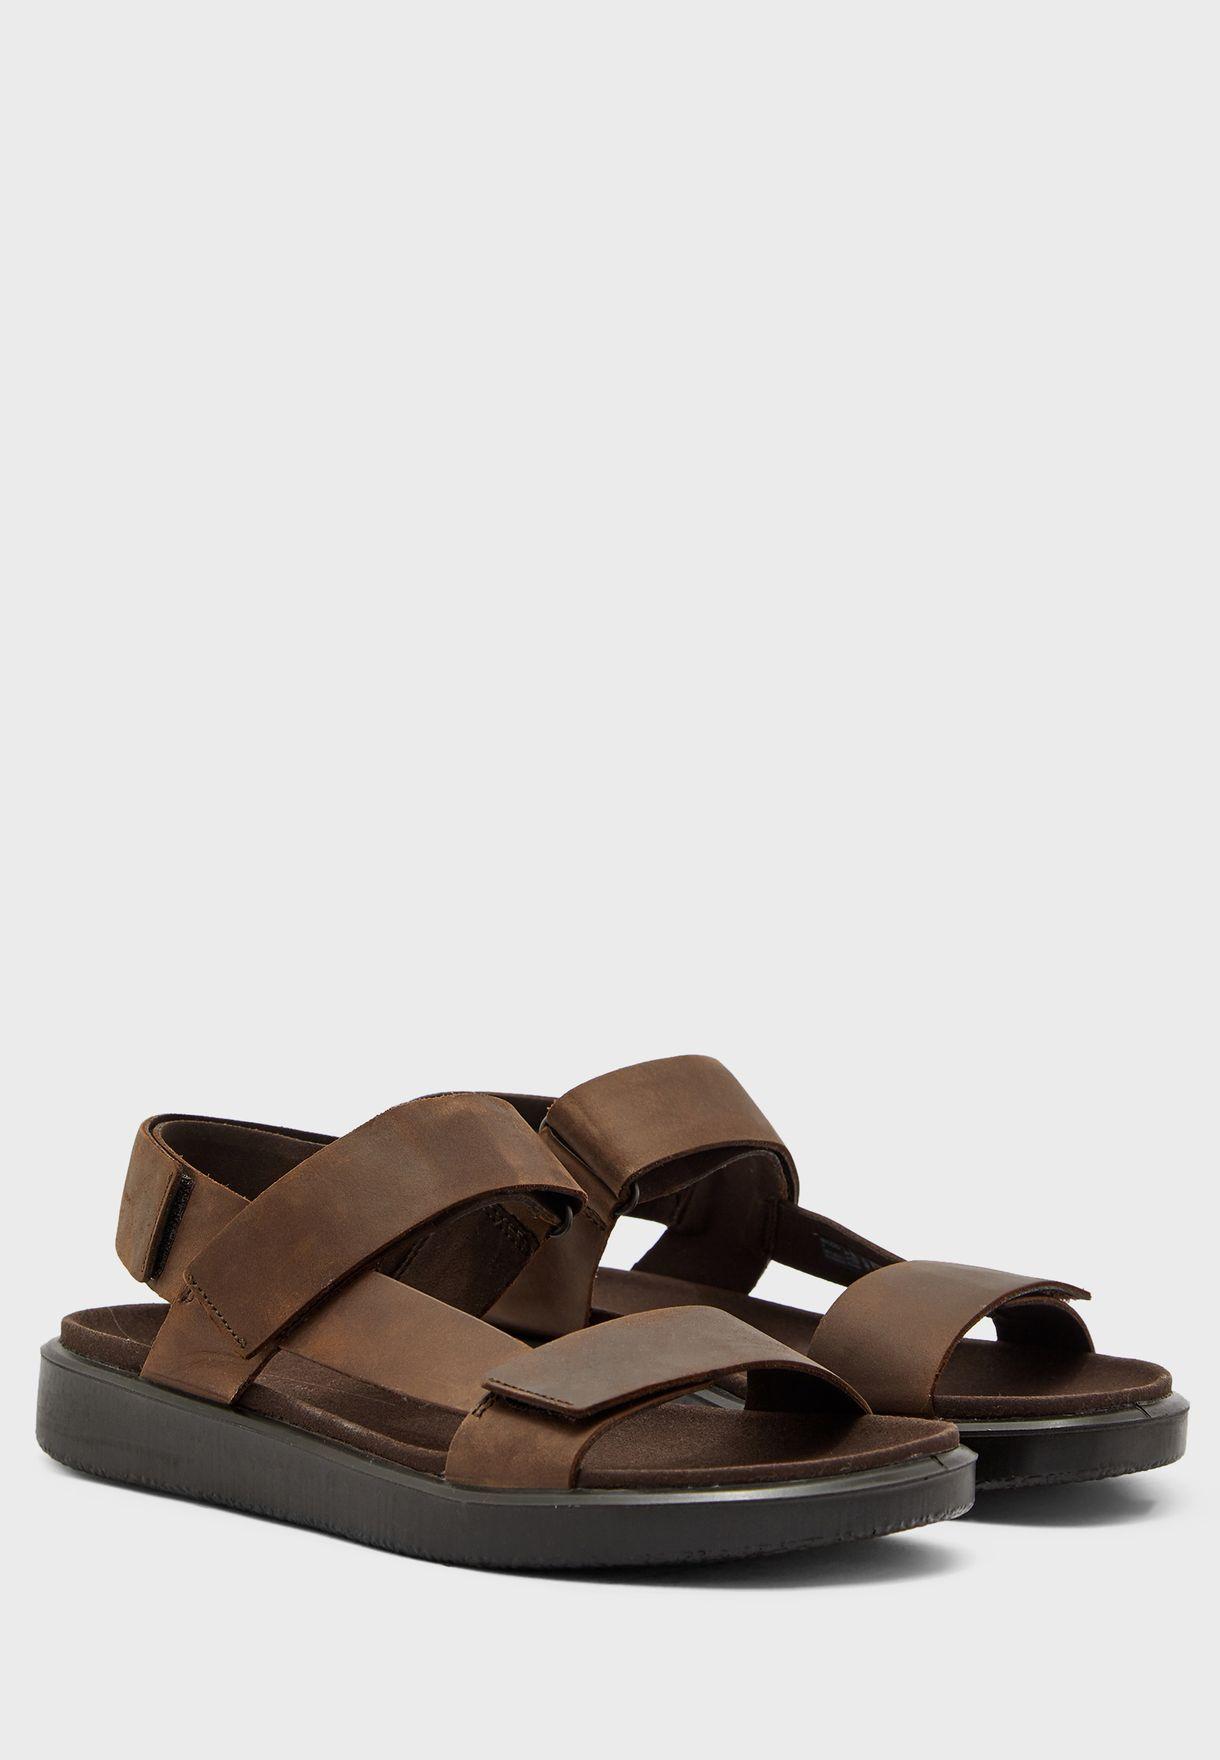 Flowt Sandals